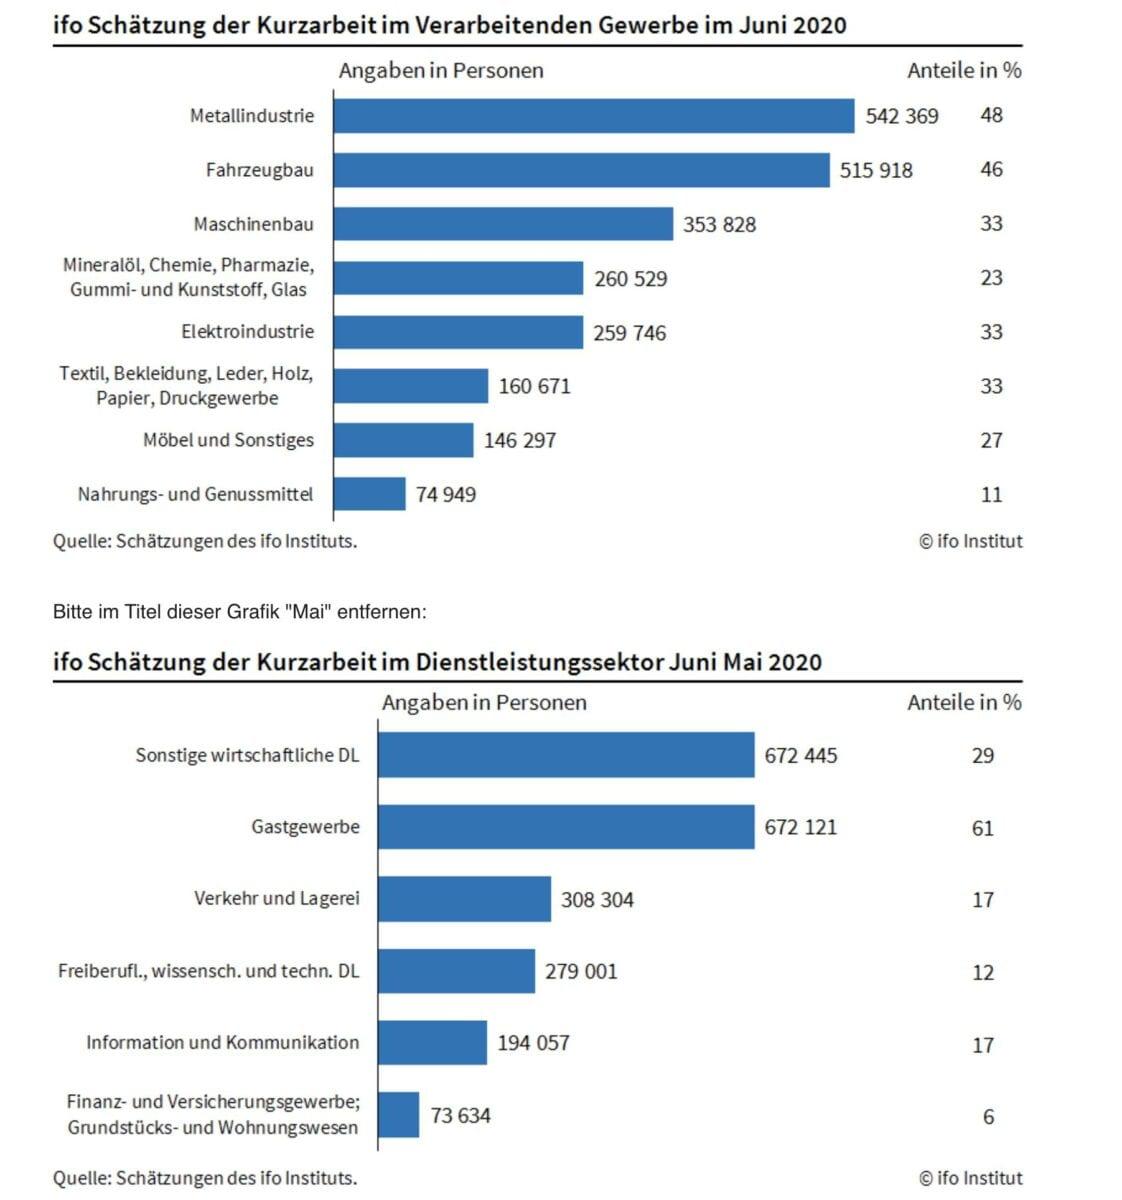 ifo-Daten zur Kurzarbeit im Juni